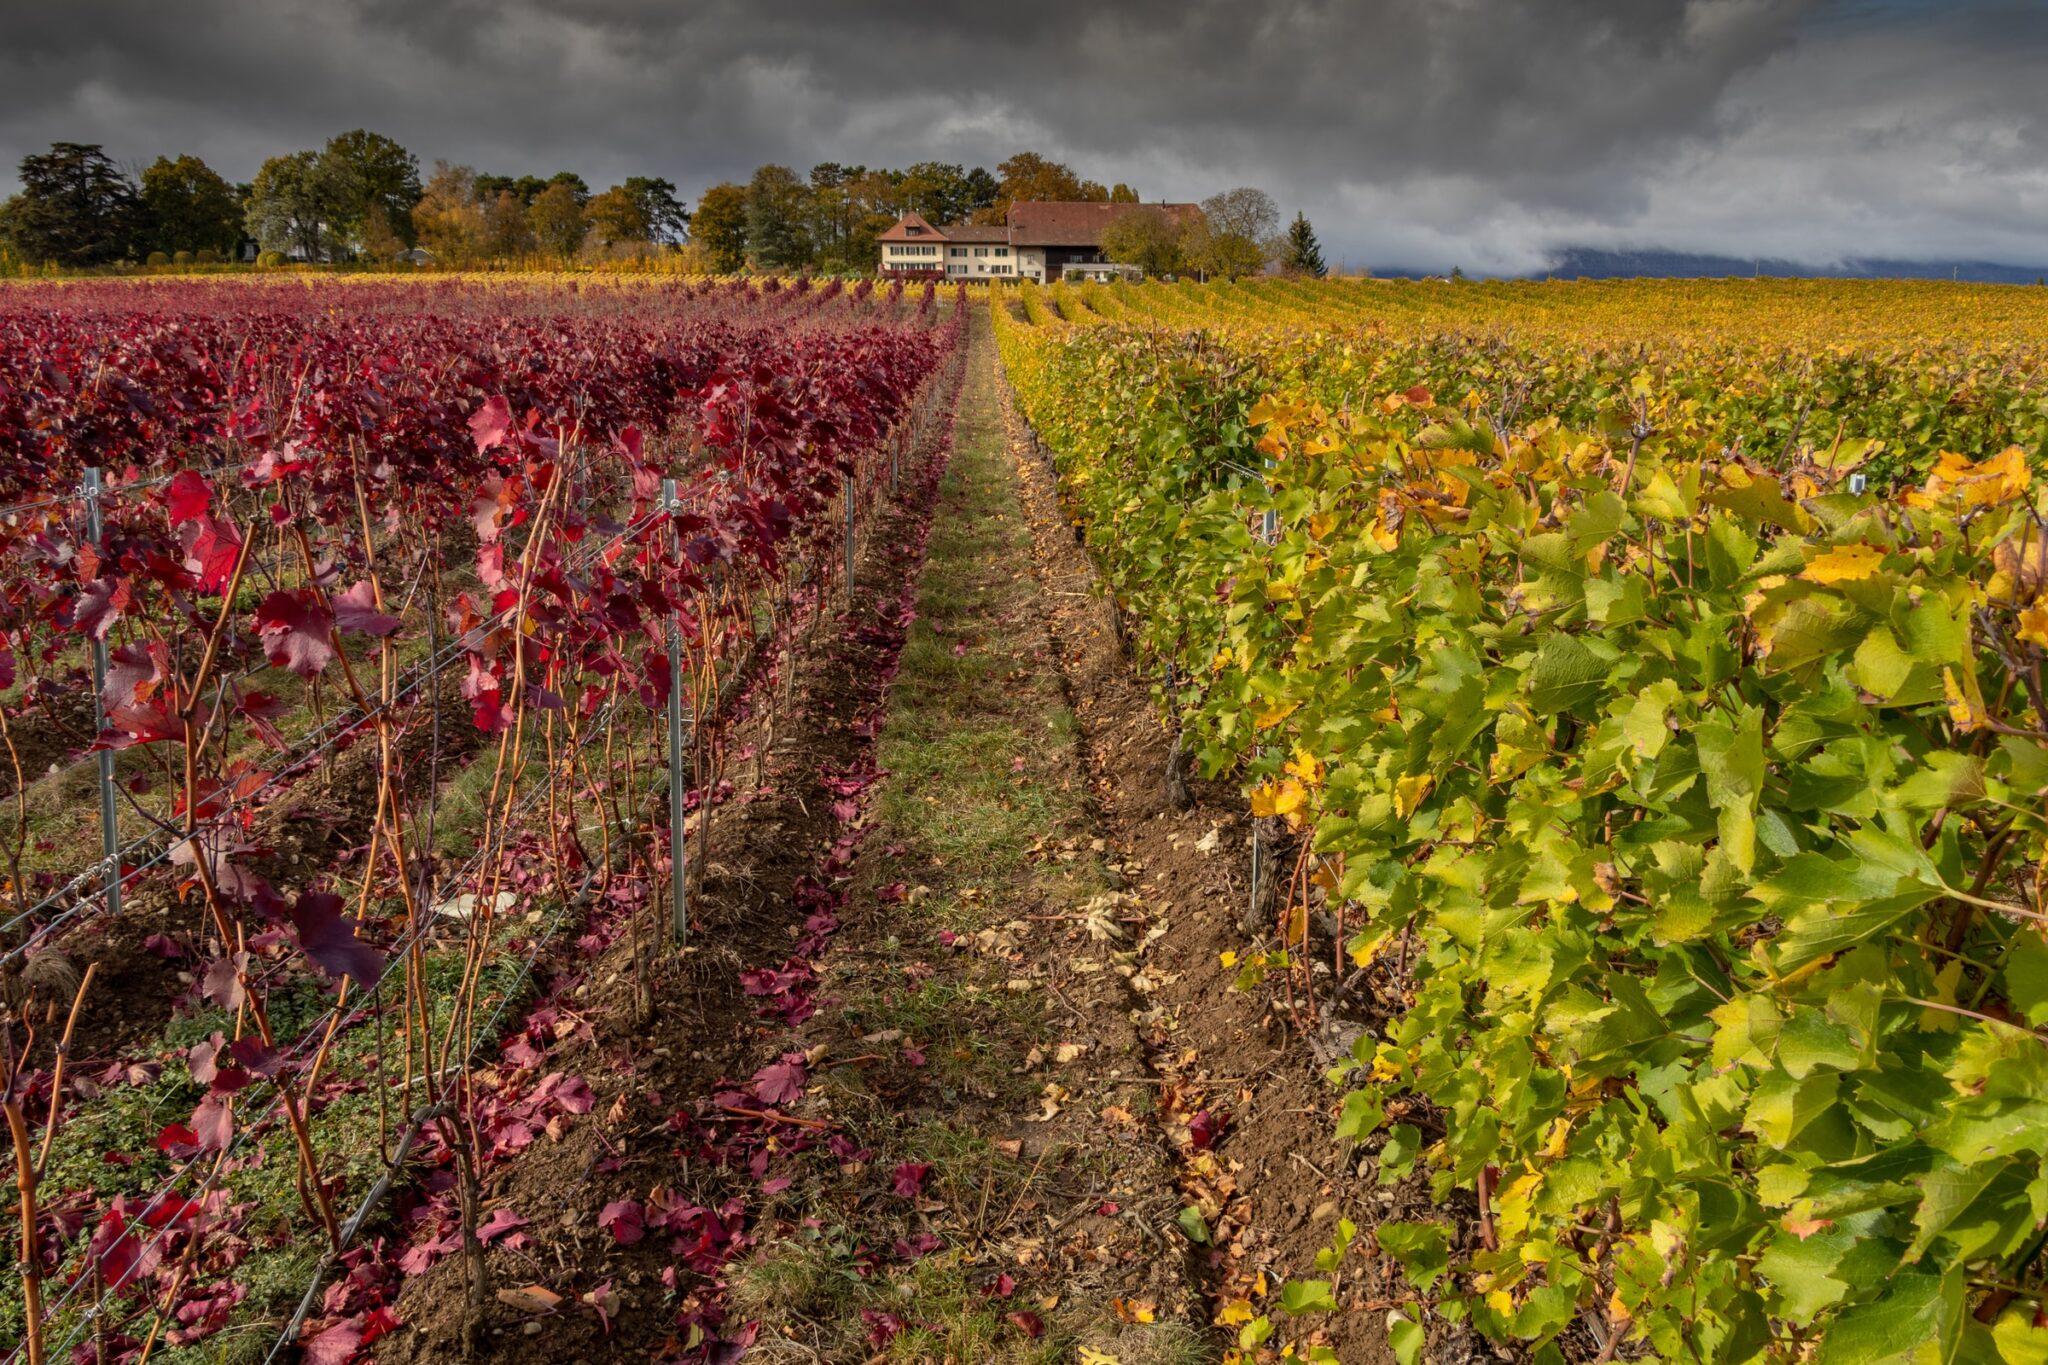 Ein Weinberg, der auf der linken Hälfte rote Blätter zeigt und auf der rechten Seite gelblich-grüne Blätter. Zwischen den beiden Hälften führt ein Pfad zu einem Anwesen weit im Hintergrund. Am Himmel sind graue Wolken aufgezogen.